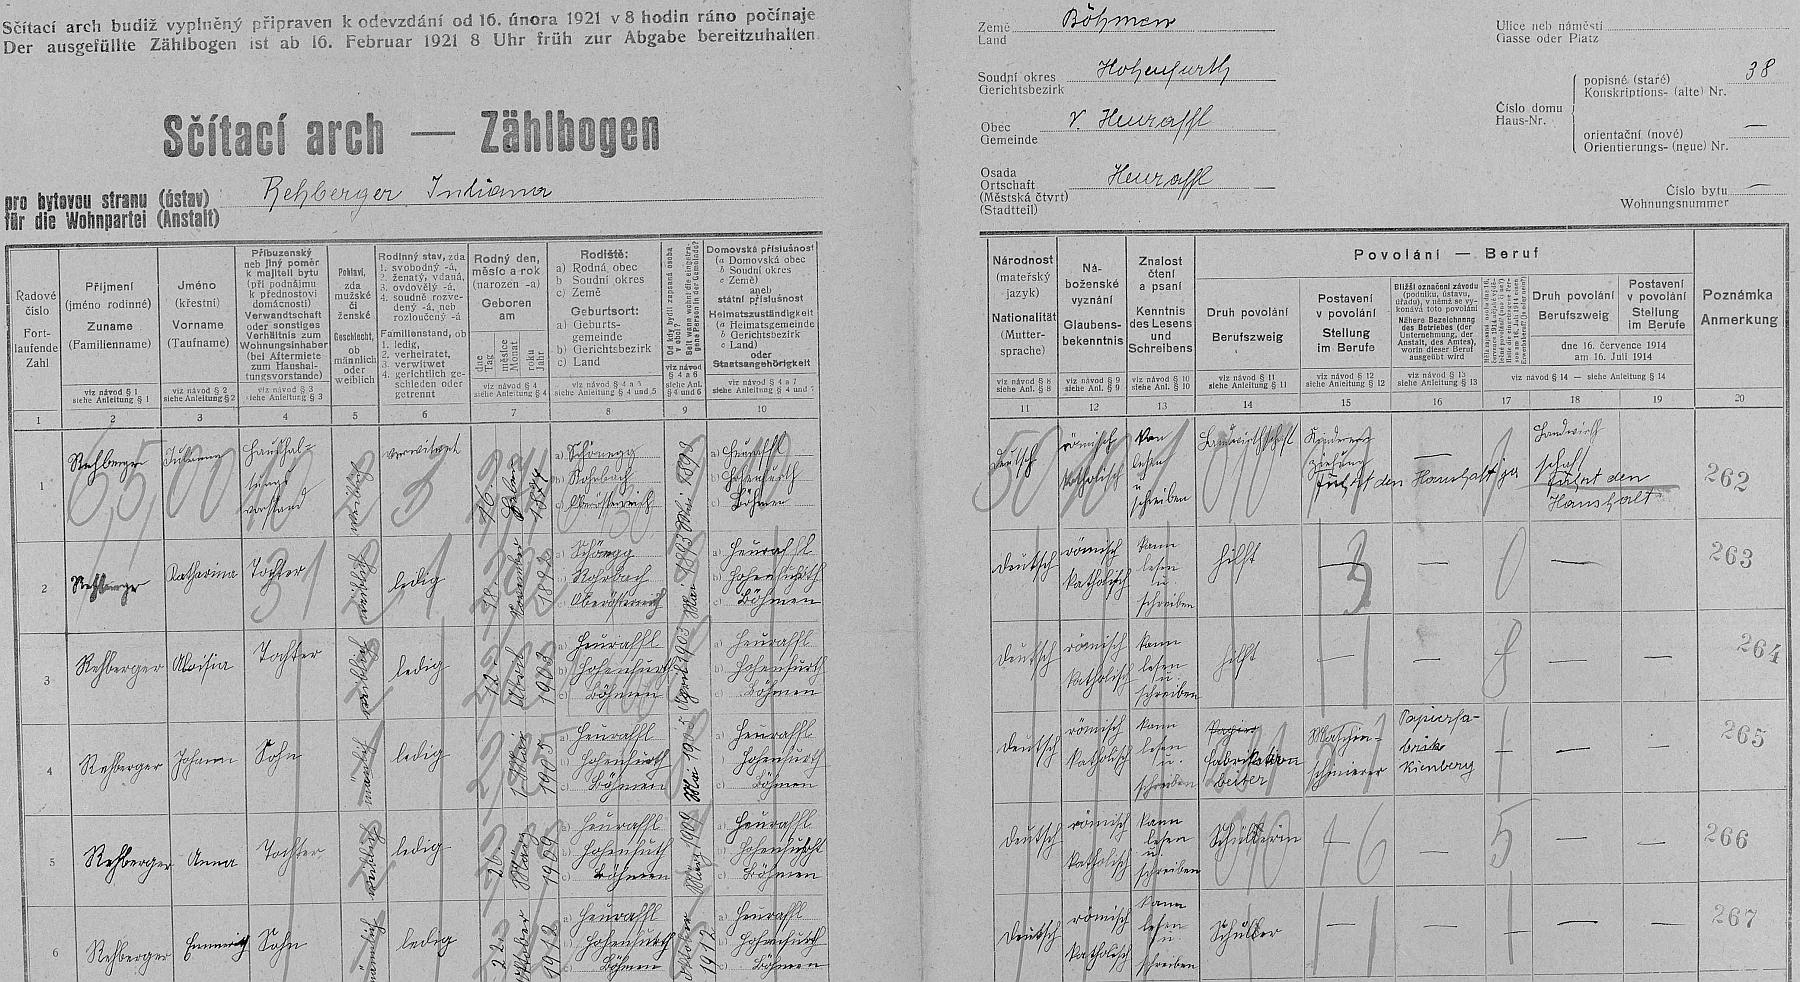 Arch sčítání lidu z roku 1921 pro stavení čp. 38 v Přední Výtoni s už ovdovělou Julianou Rehbergerovou a jejími dětmi, mezi nimiž Karlův otec ajmenovec chybí